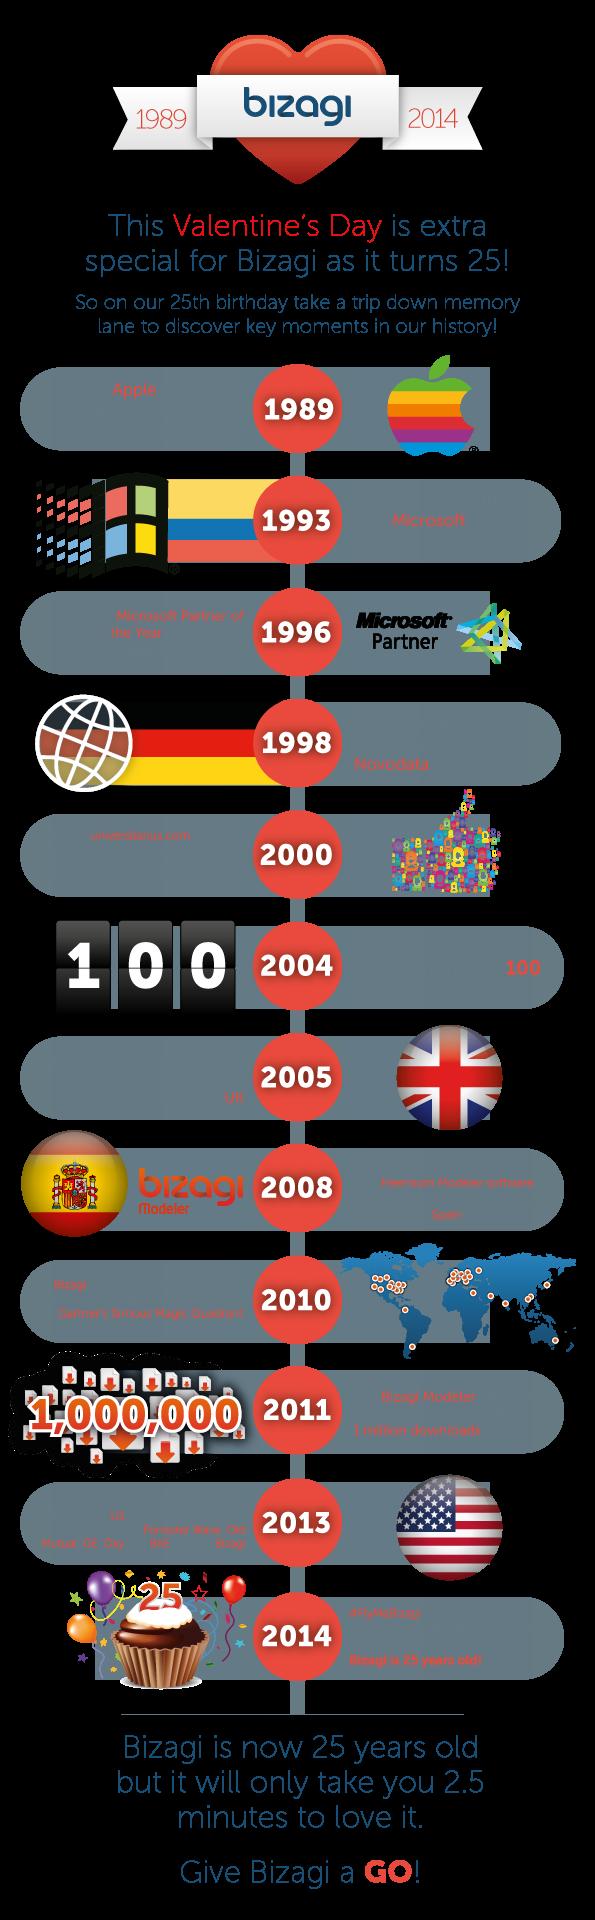 bizagi 25th anniversary infographic